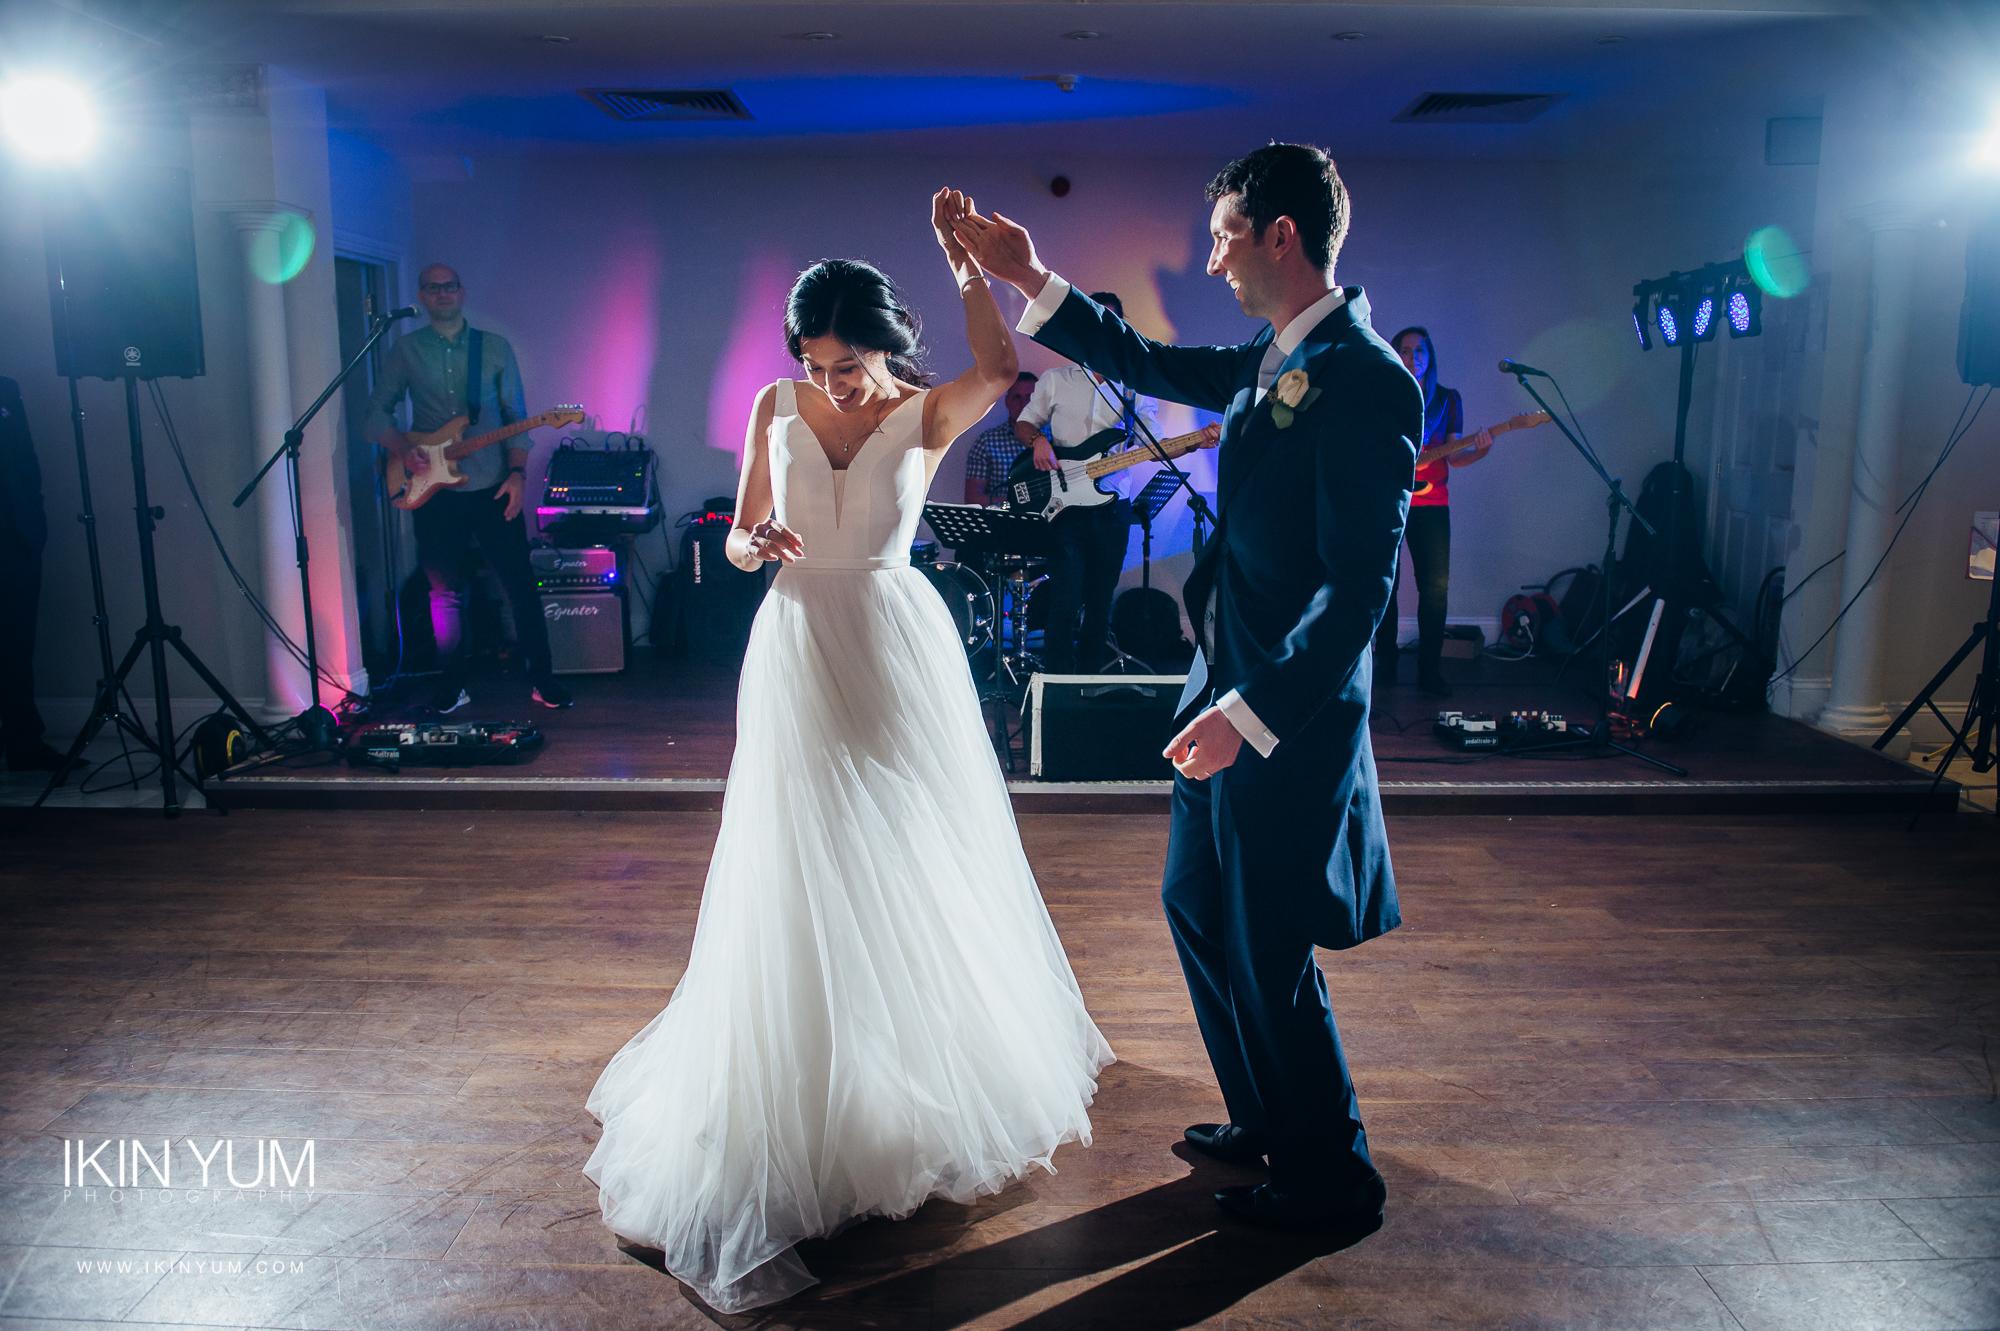 Nicola & Jonny Wedding Day - Ikin Yum Photography-130.jpg